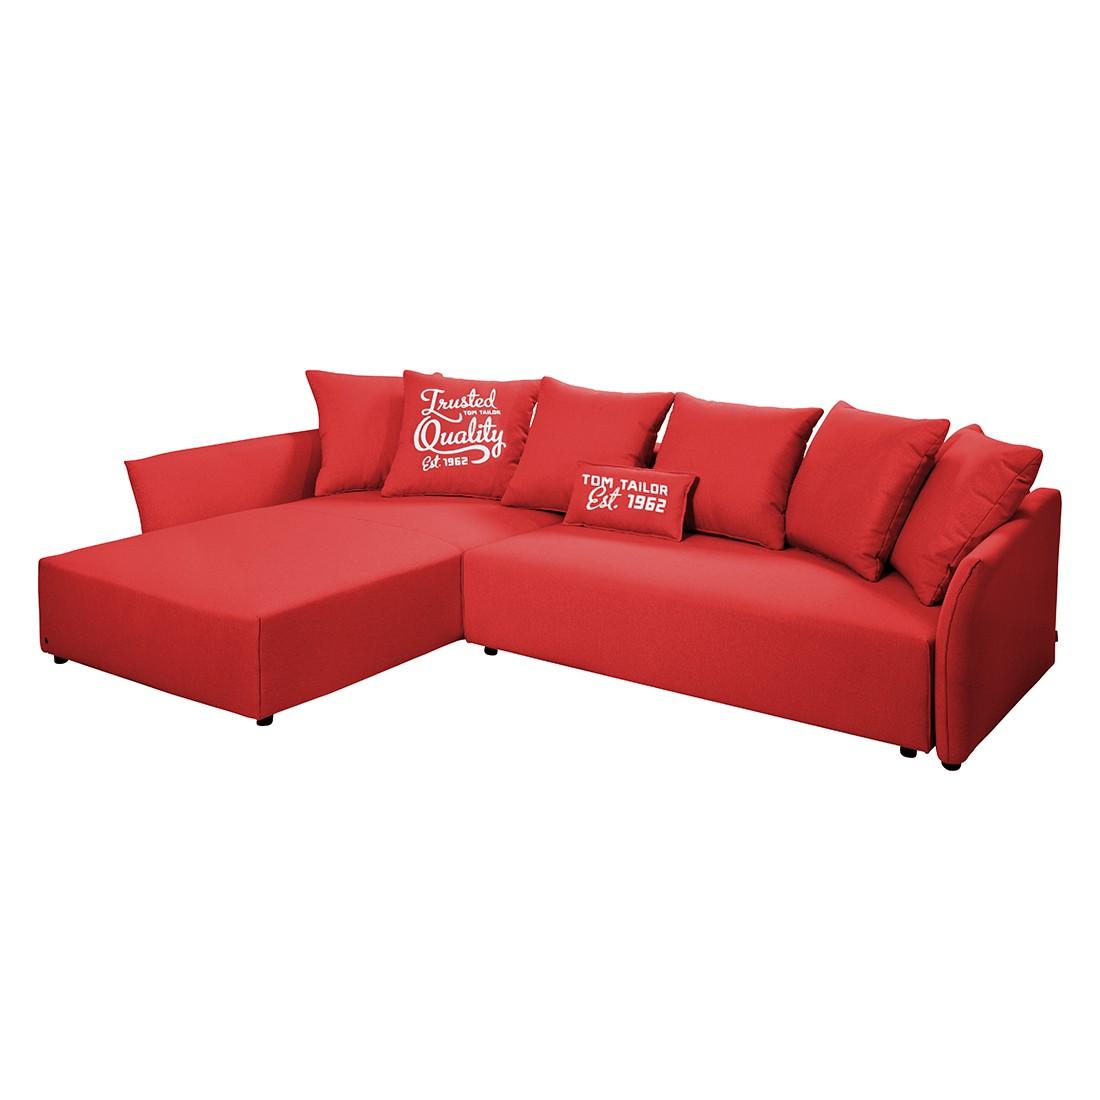 goedkoop Hoekbank Wings Casual met slaapfunctie structuurstof longchair vooraanzicht links Rood 7 kussen Tom Tailor